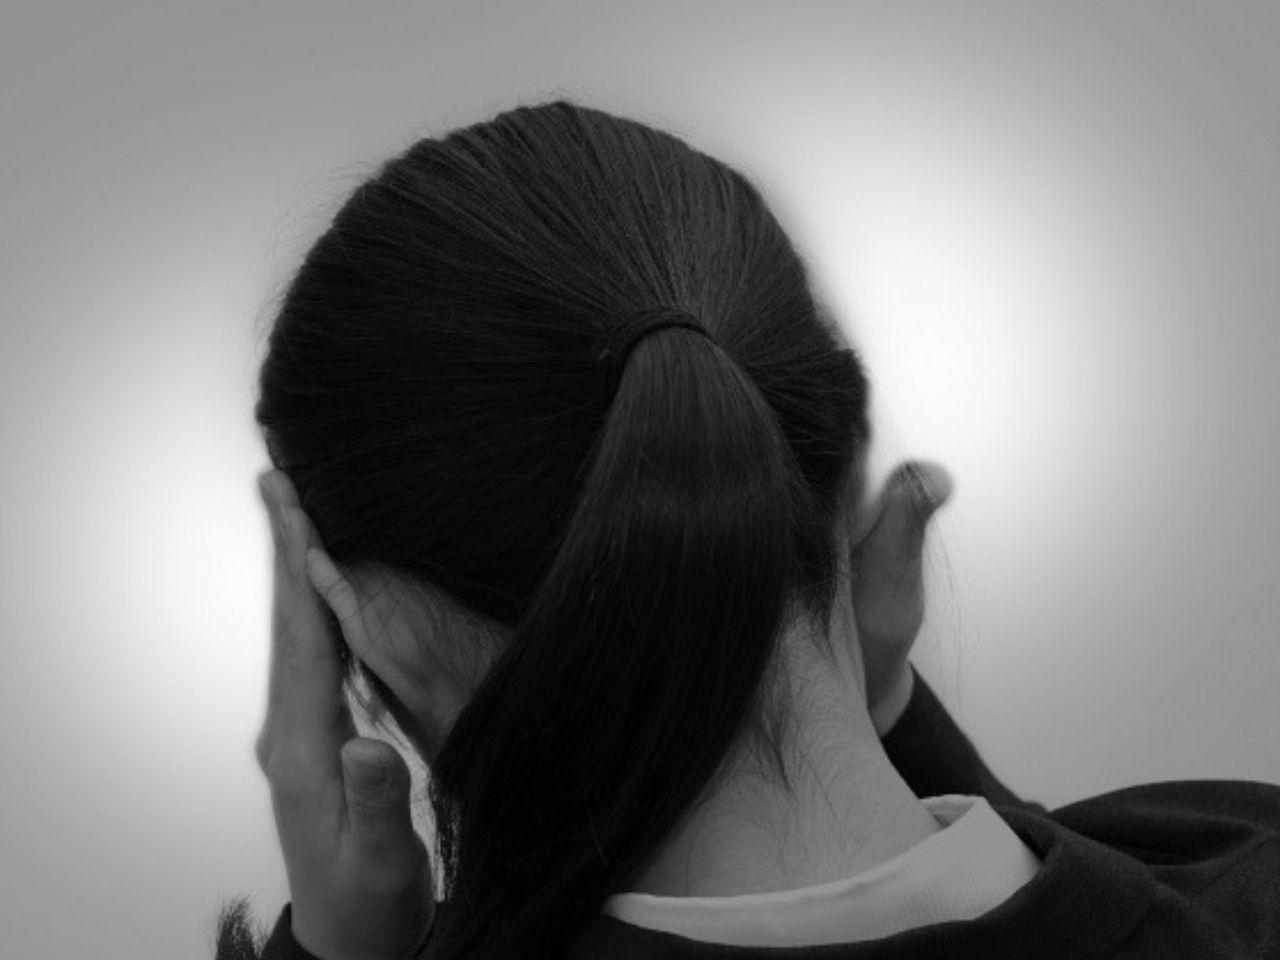 ストレスに悩む女性の後ろ姿